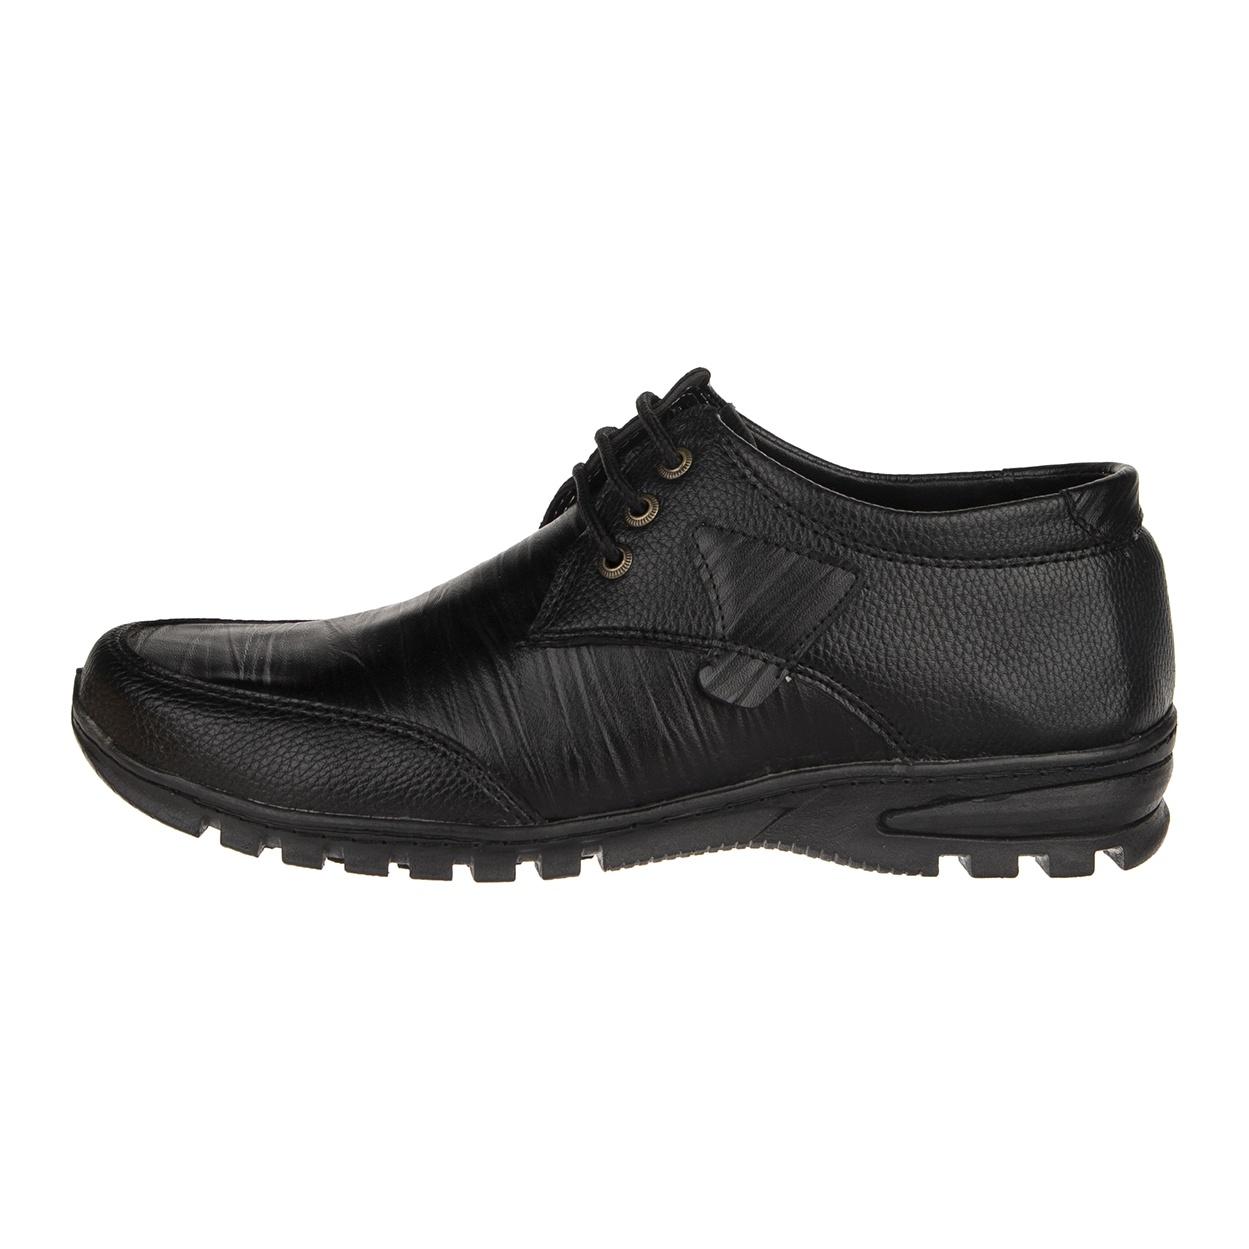 کفش روزمره مردانه باران مدل K.baz.021